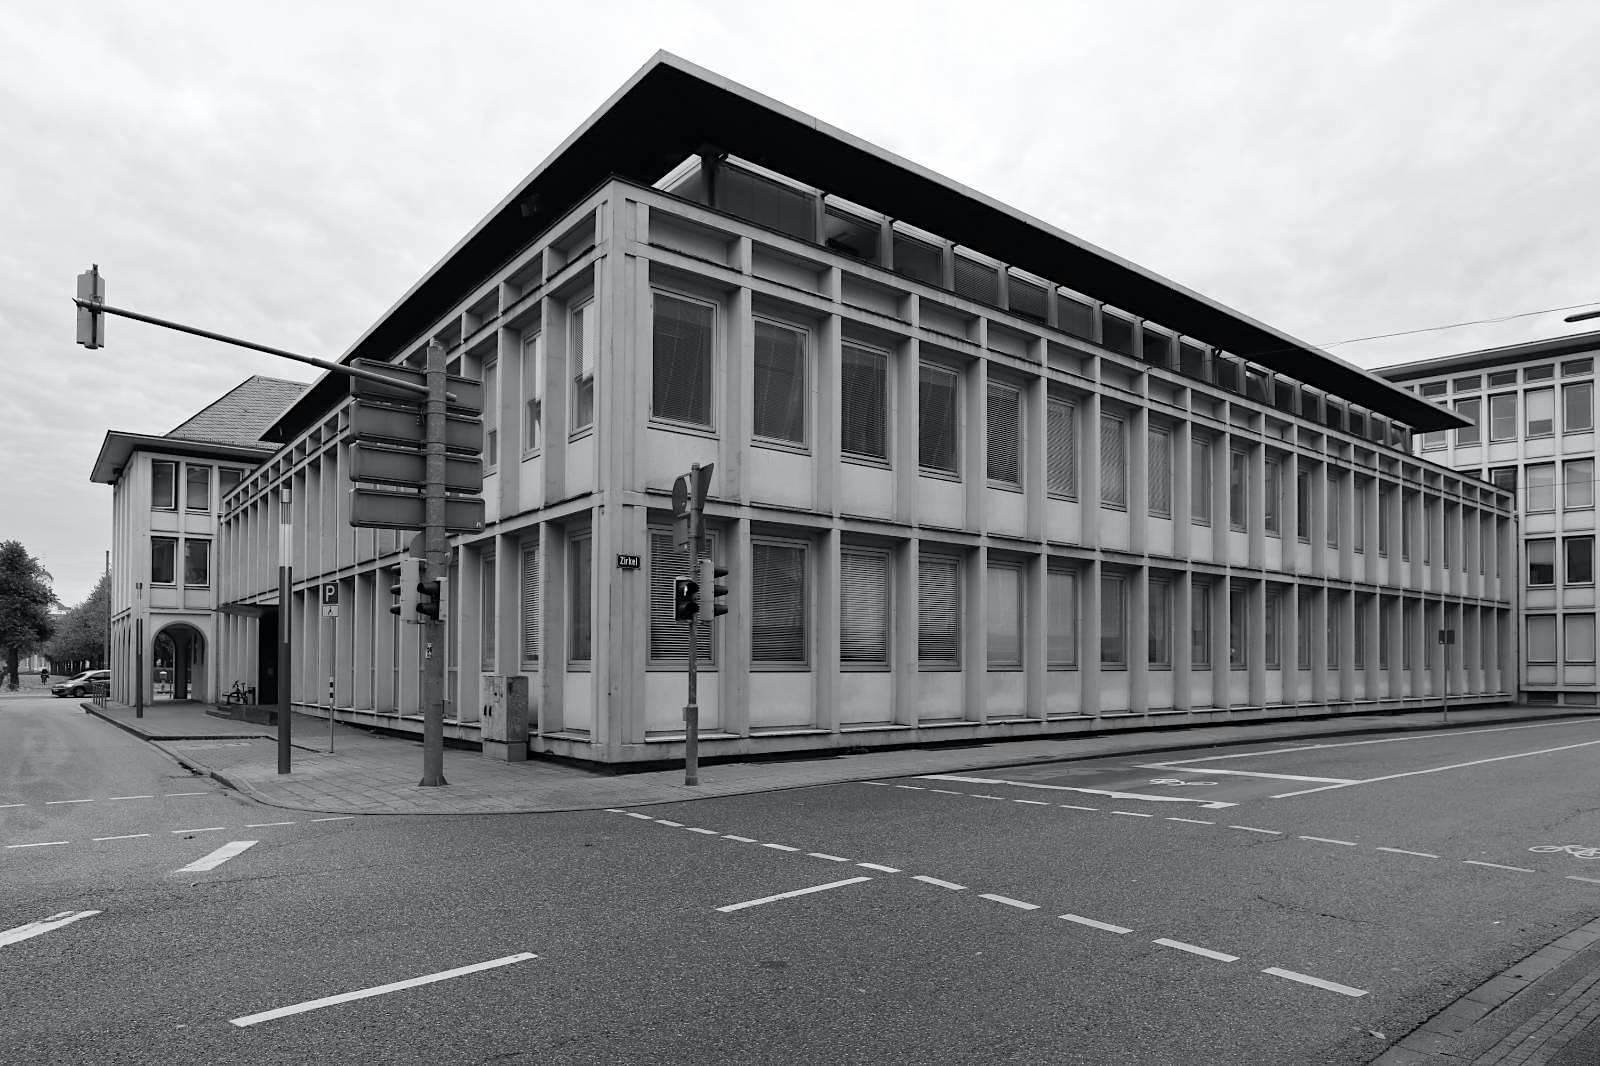 Amtsgericht. Entwurf: Fritz Langenbach, 1957. Das Hauptgebäude des Prinz-Karl-Palais wurde im Zweiten Weltkrieg zerstört. An dieser Stelle entstand das Amtsgericht als dreigeschossiger Bau mit Walmdach und dem offenen Arkadengang.